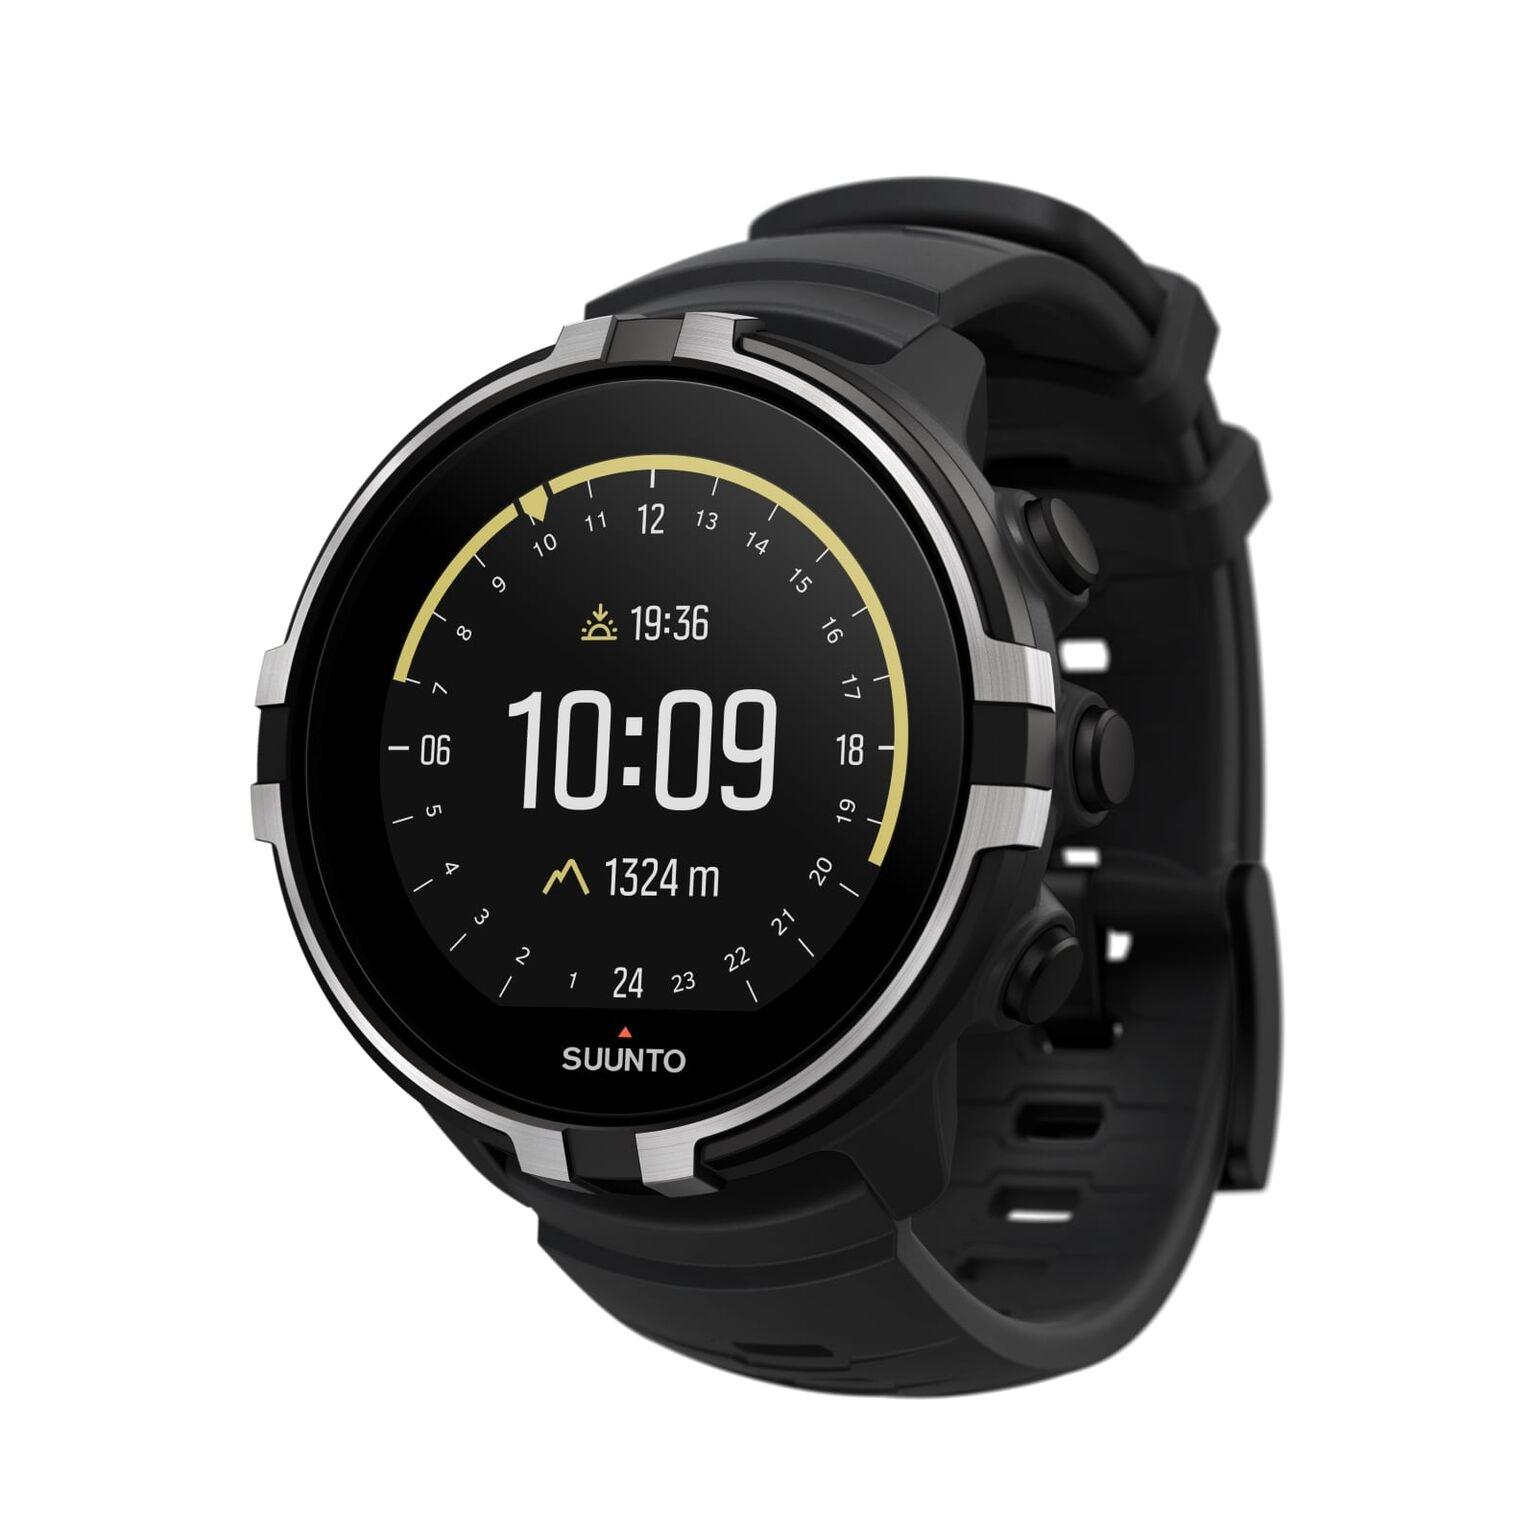 שעון סונטו עם דופק מהיד Suunto Spartan Baro  בשני צבעים לבחירה - משלוח חינם - תמונה 6